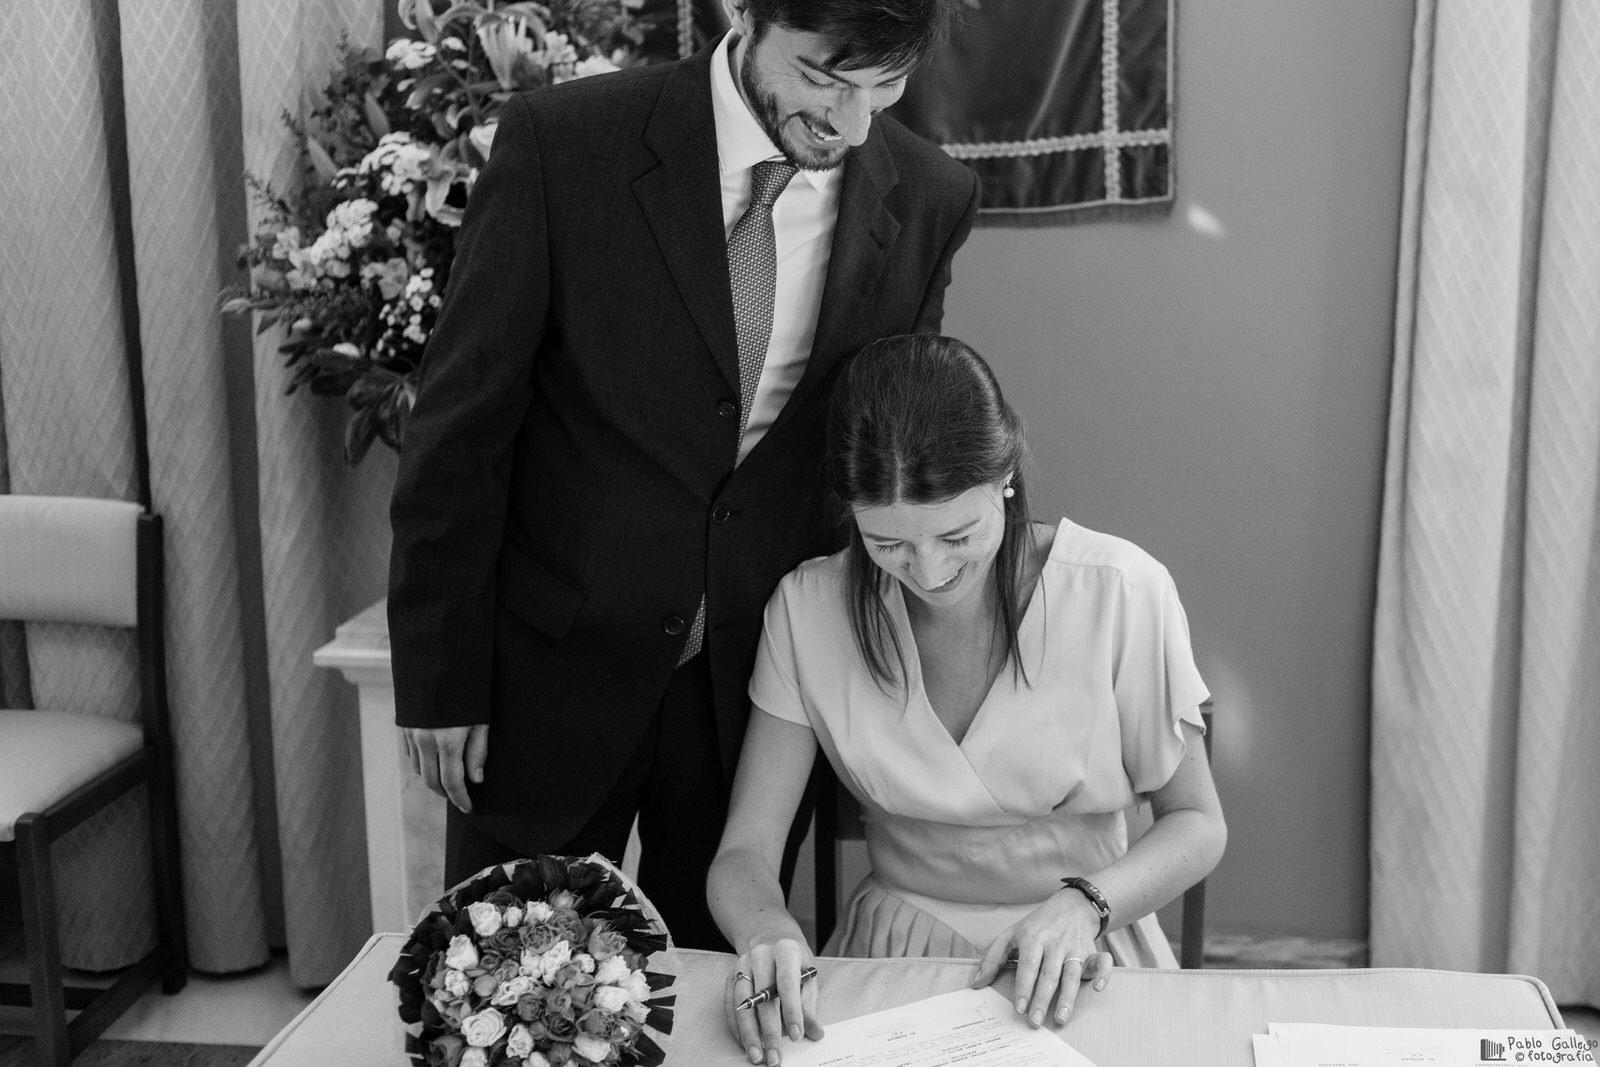 boda-andres-marta-pablo-gallego-fotografia-11